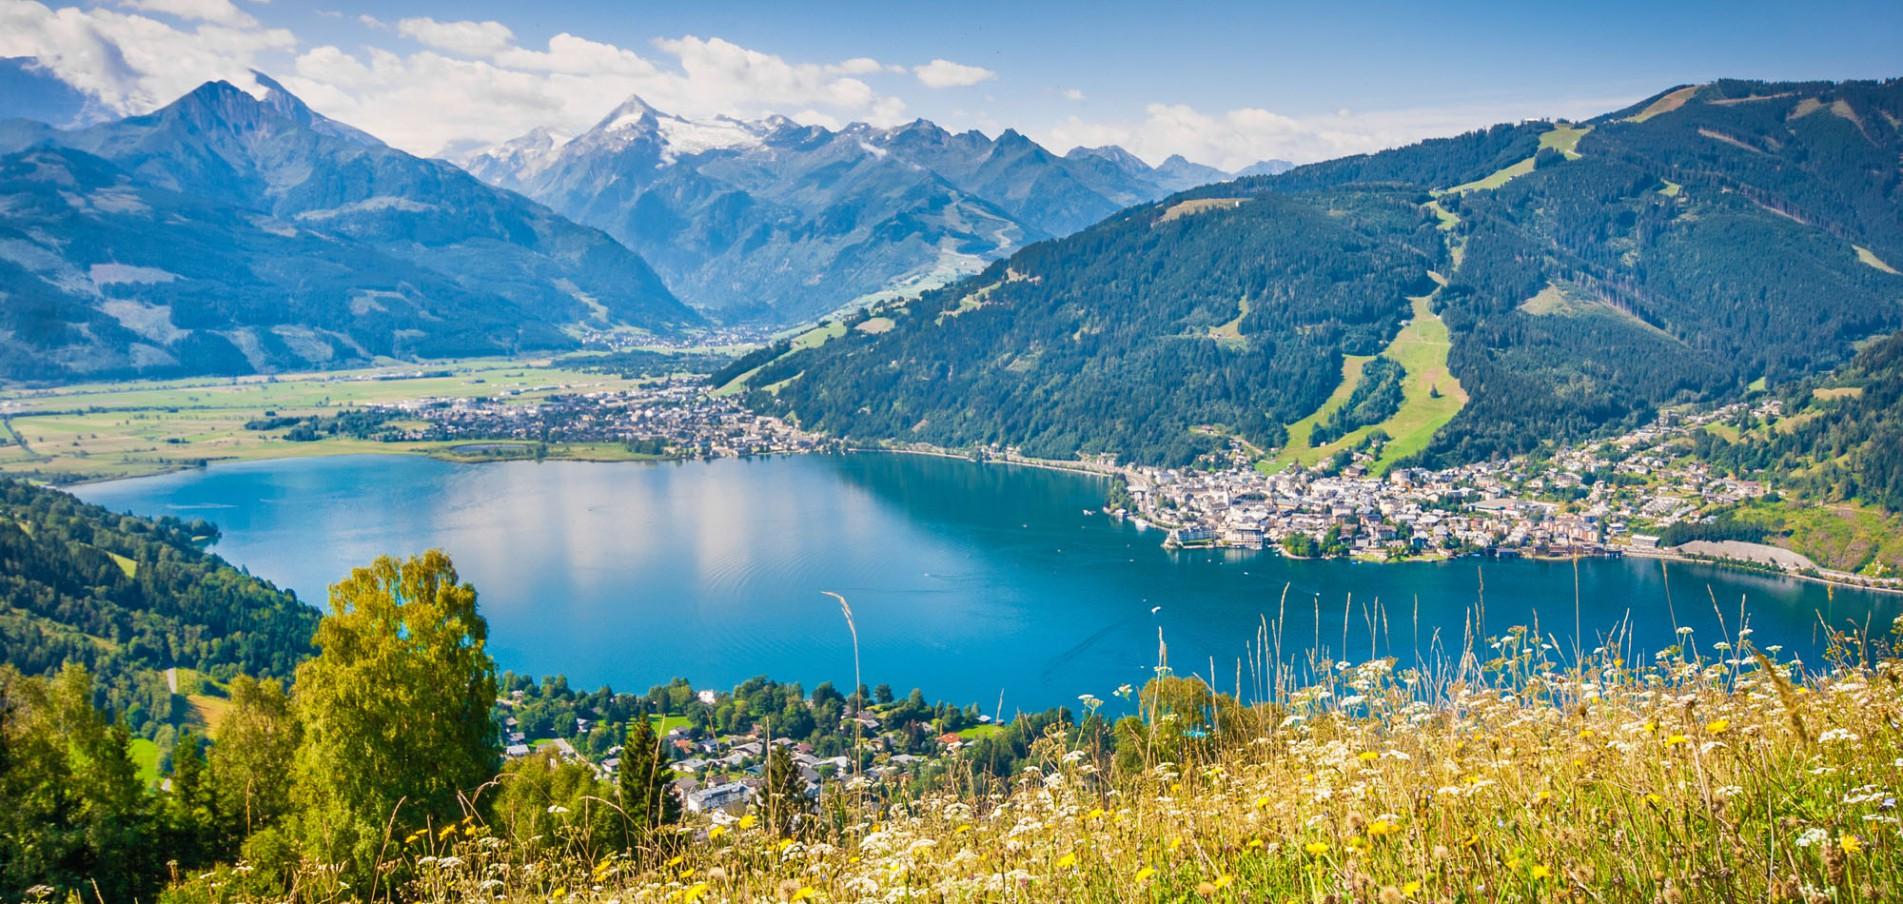 WILLKOMMEN IN SALZBURG ... Outdoor und Abenteuer pur in den Alpen!